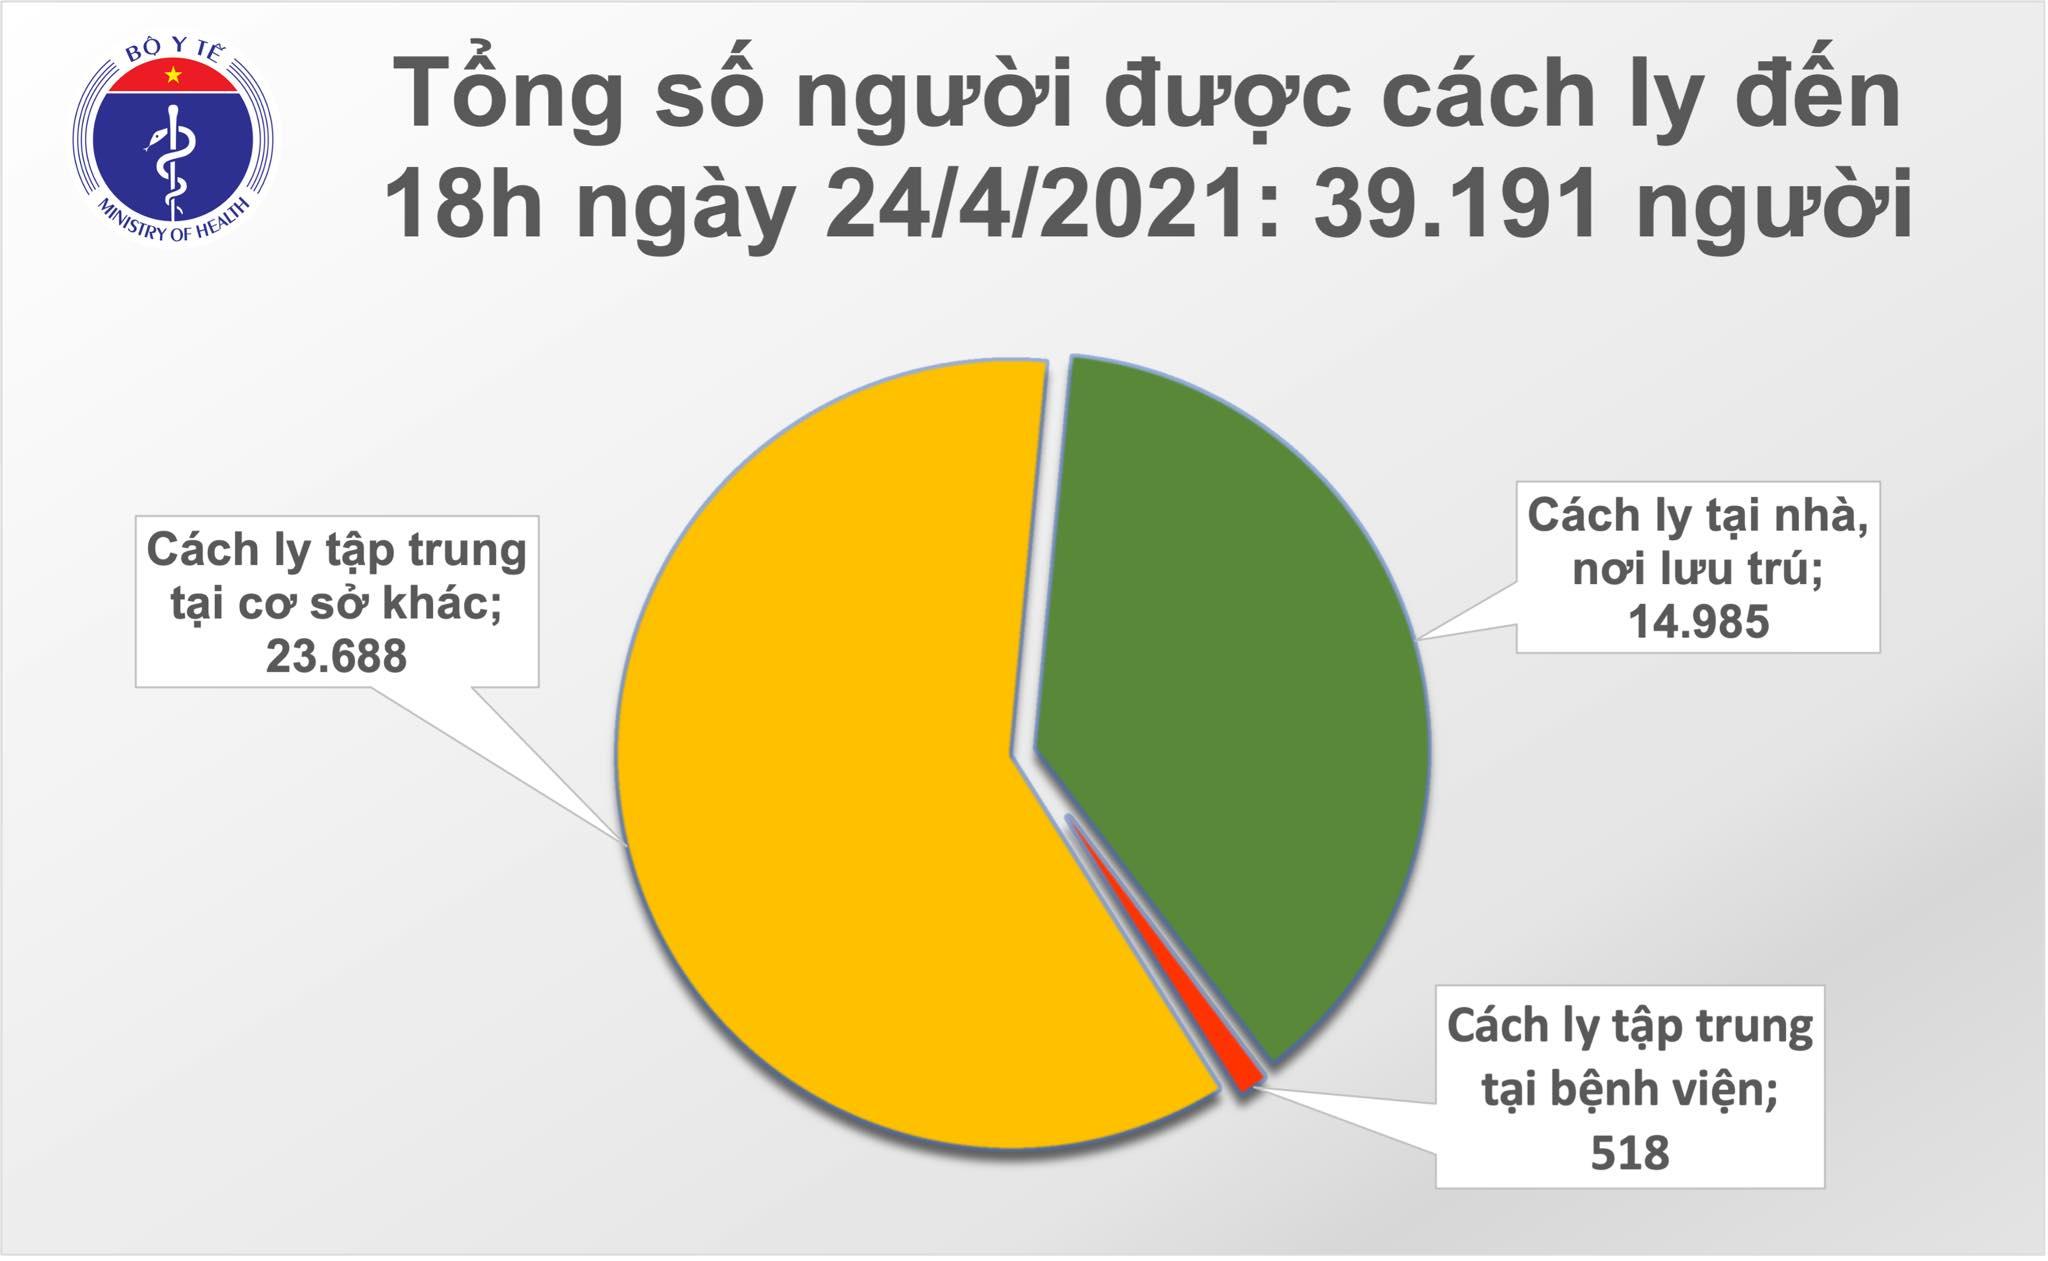 Chiều 24/4: Thêm 1 ca mắc COVID-19 tại Đà Nẵng, có 26 bệnh nhân khỏi 1